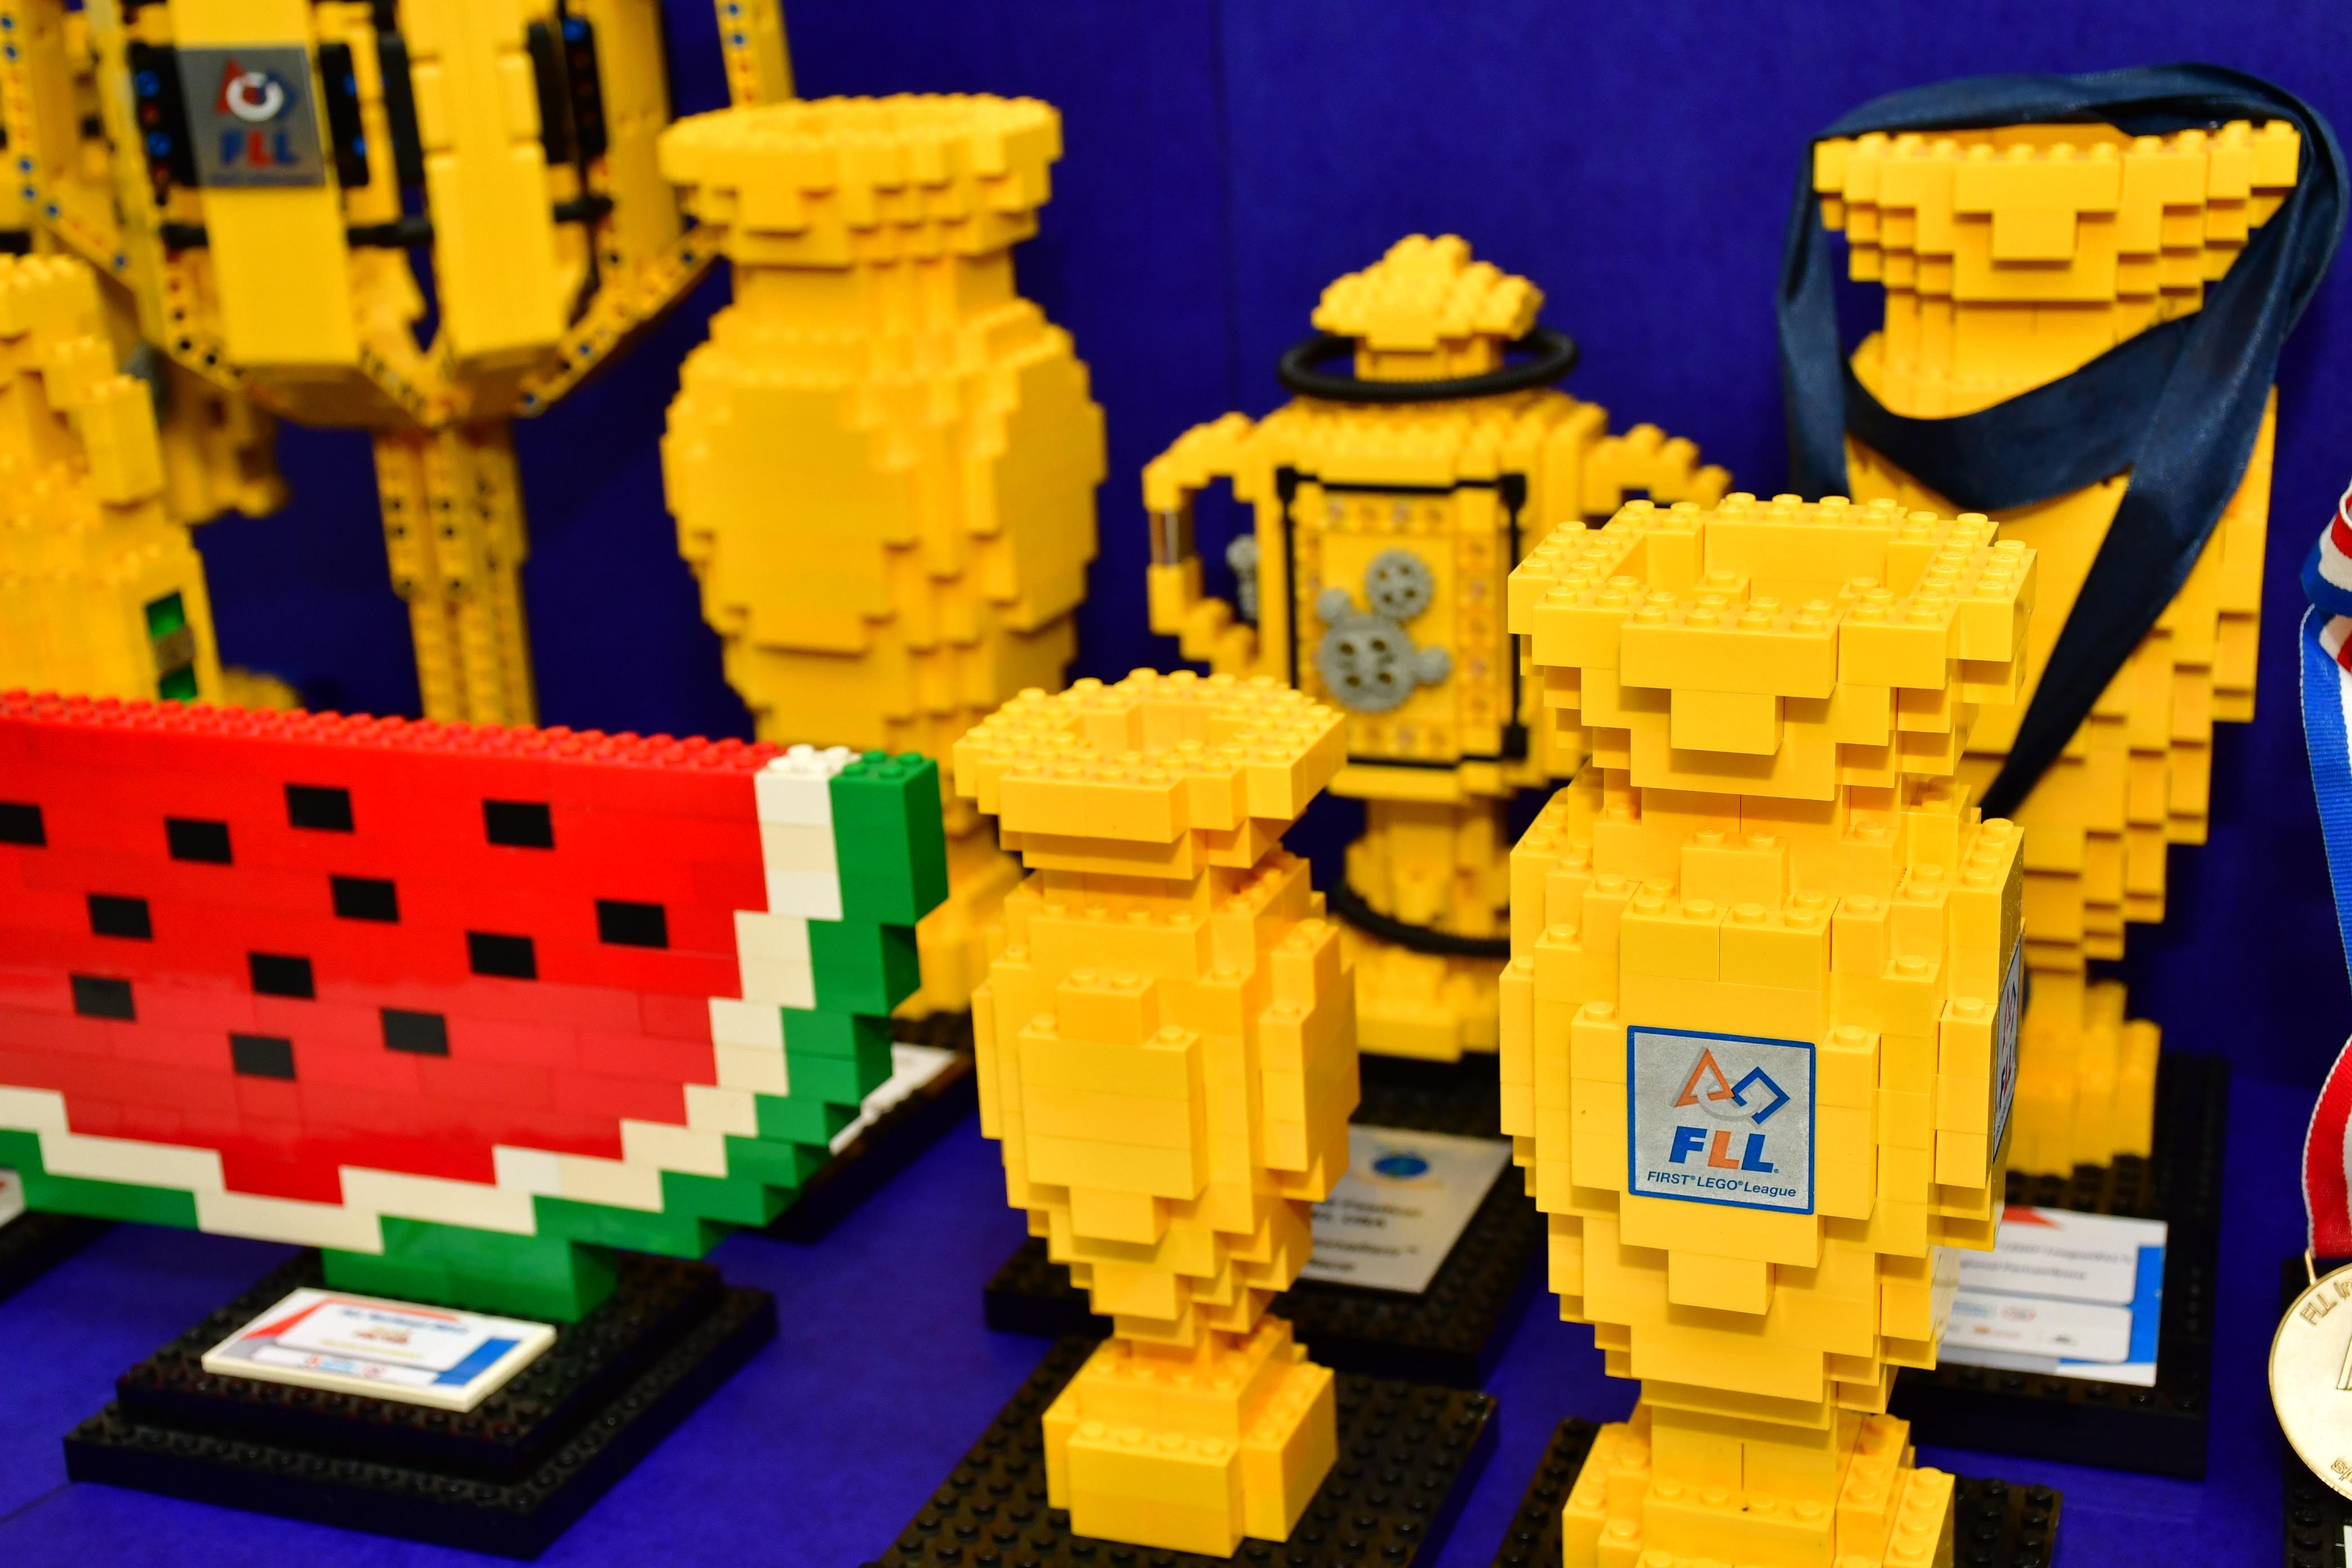 Torneio de Robótica FLL - FIRST Lego League 2021